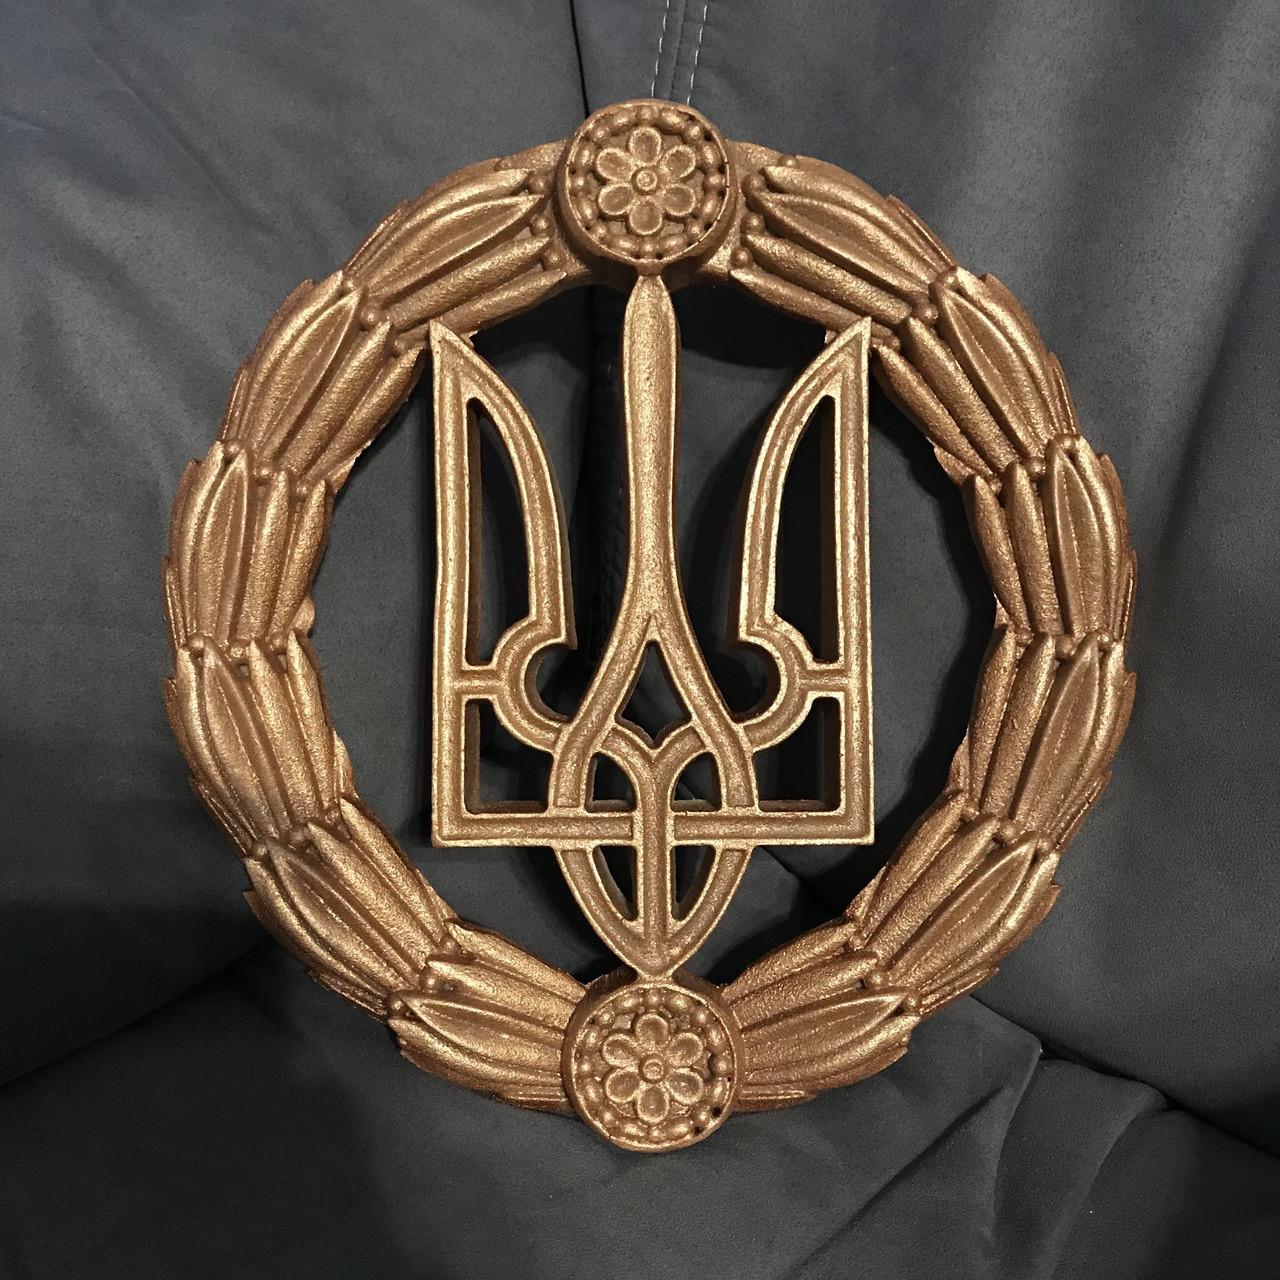 Декоративный бронзовый герб Украины настенный из твёрдого полиуретана 300мм